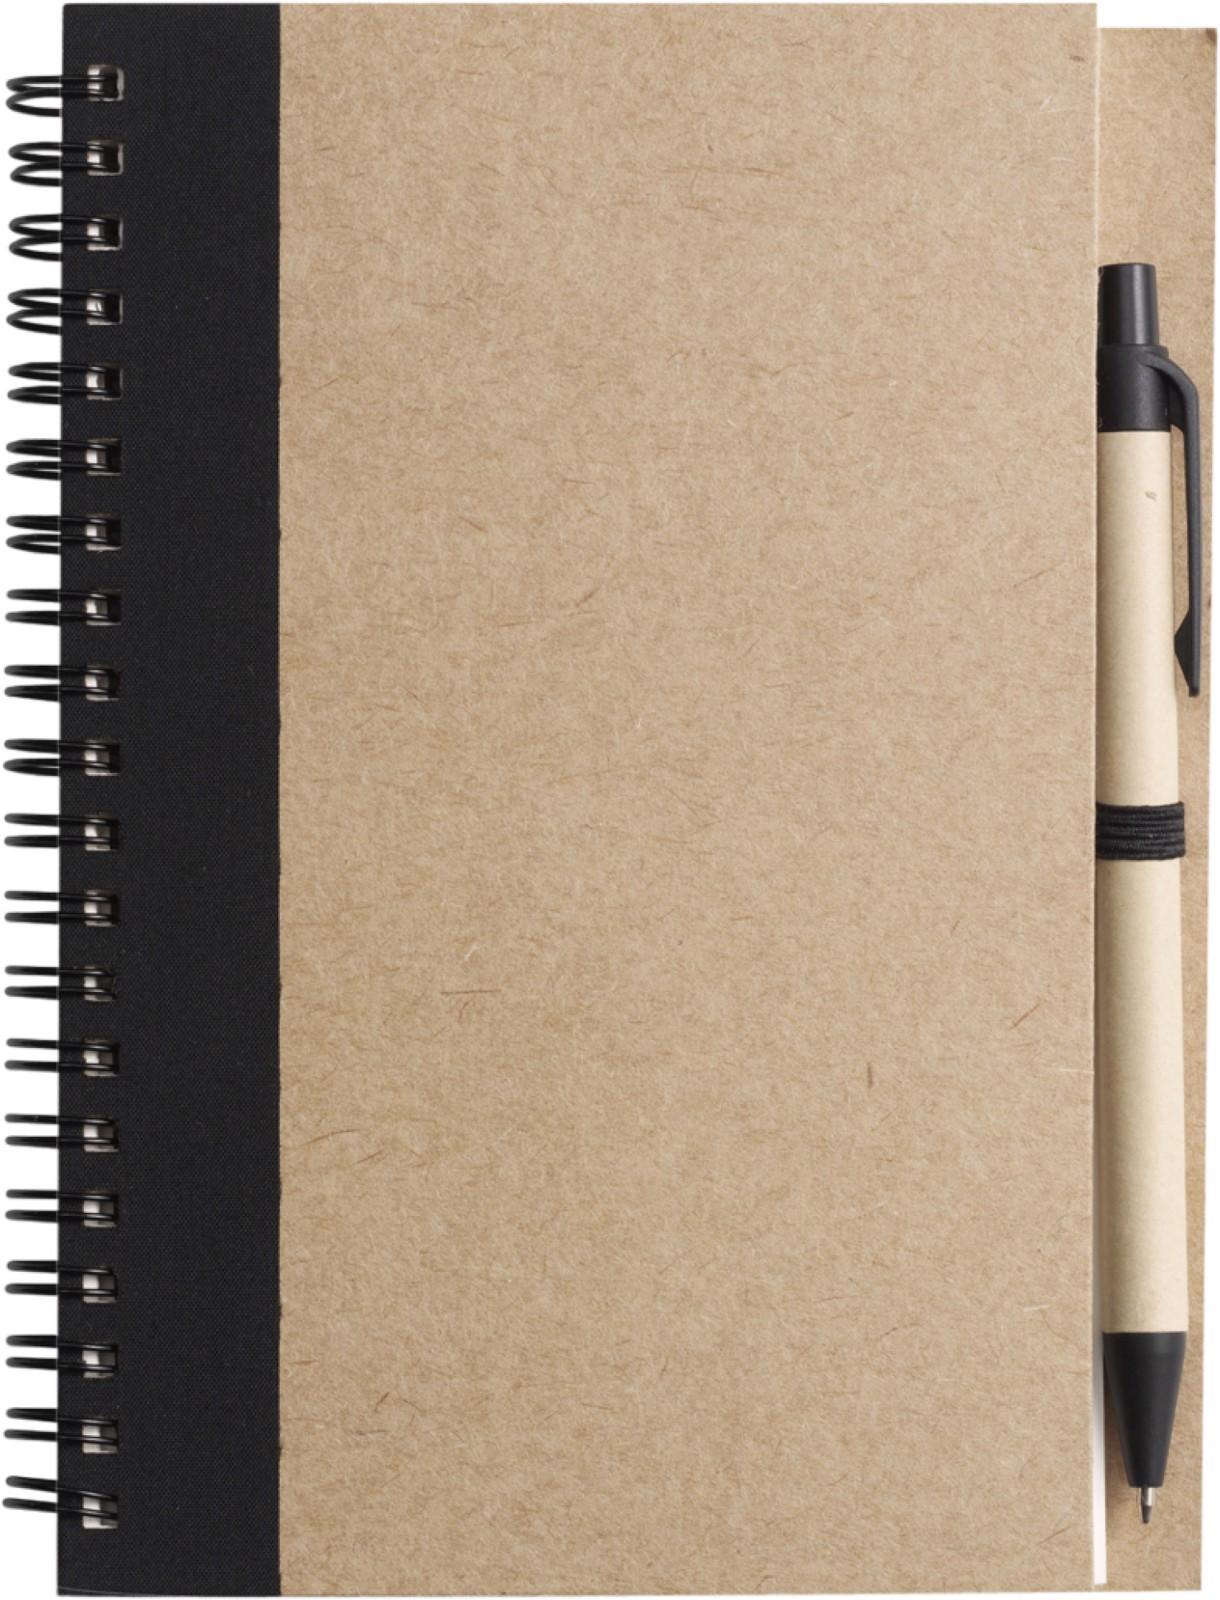 Wire bound notebook with ballpen. - Black